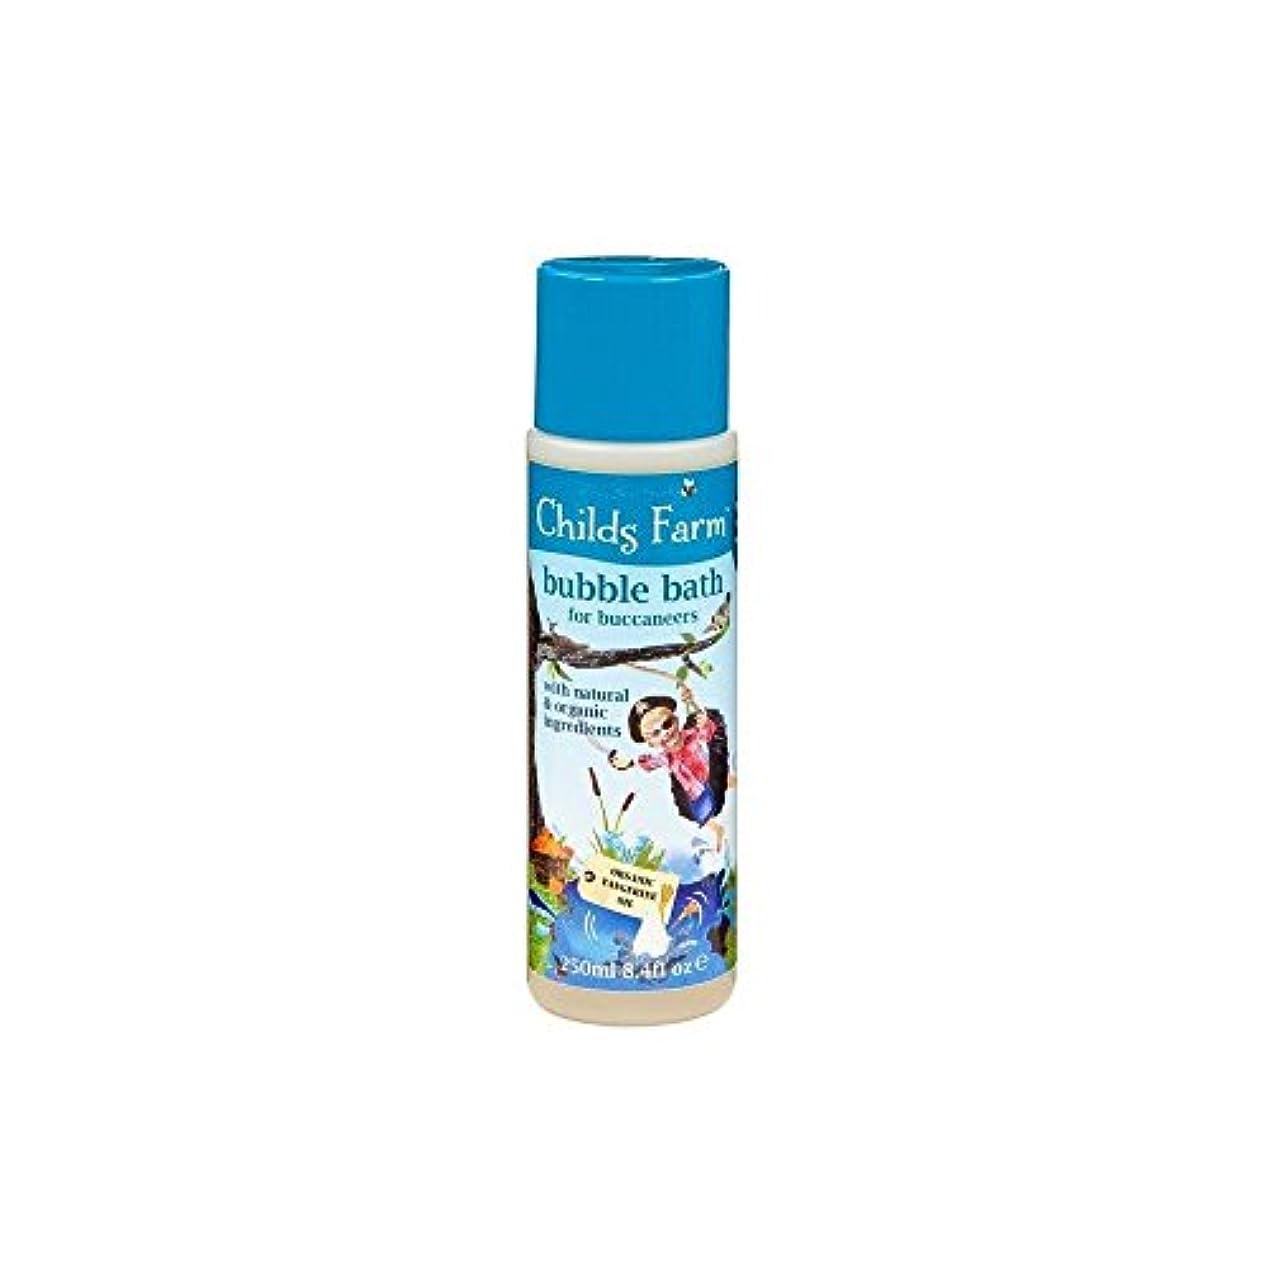 意気揚々頬メキシコChilds Farm Get Your Feet Wet! Bubble Bath for Bucanneers! (250ml) チャイルズファームは、あなたの足が濡れる! Bucanneersための泡風呂! ( 250...